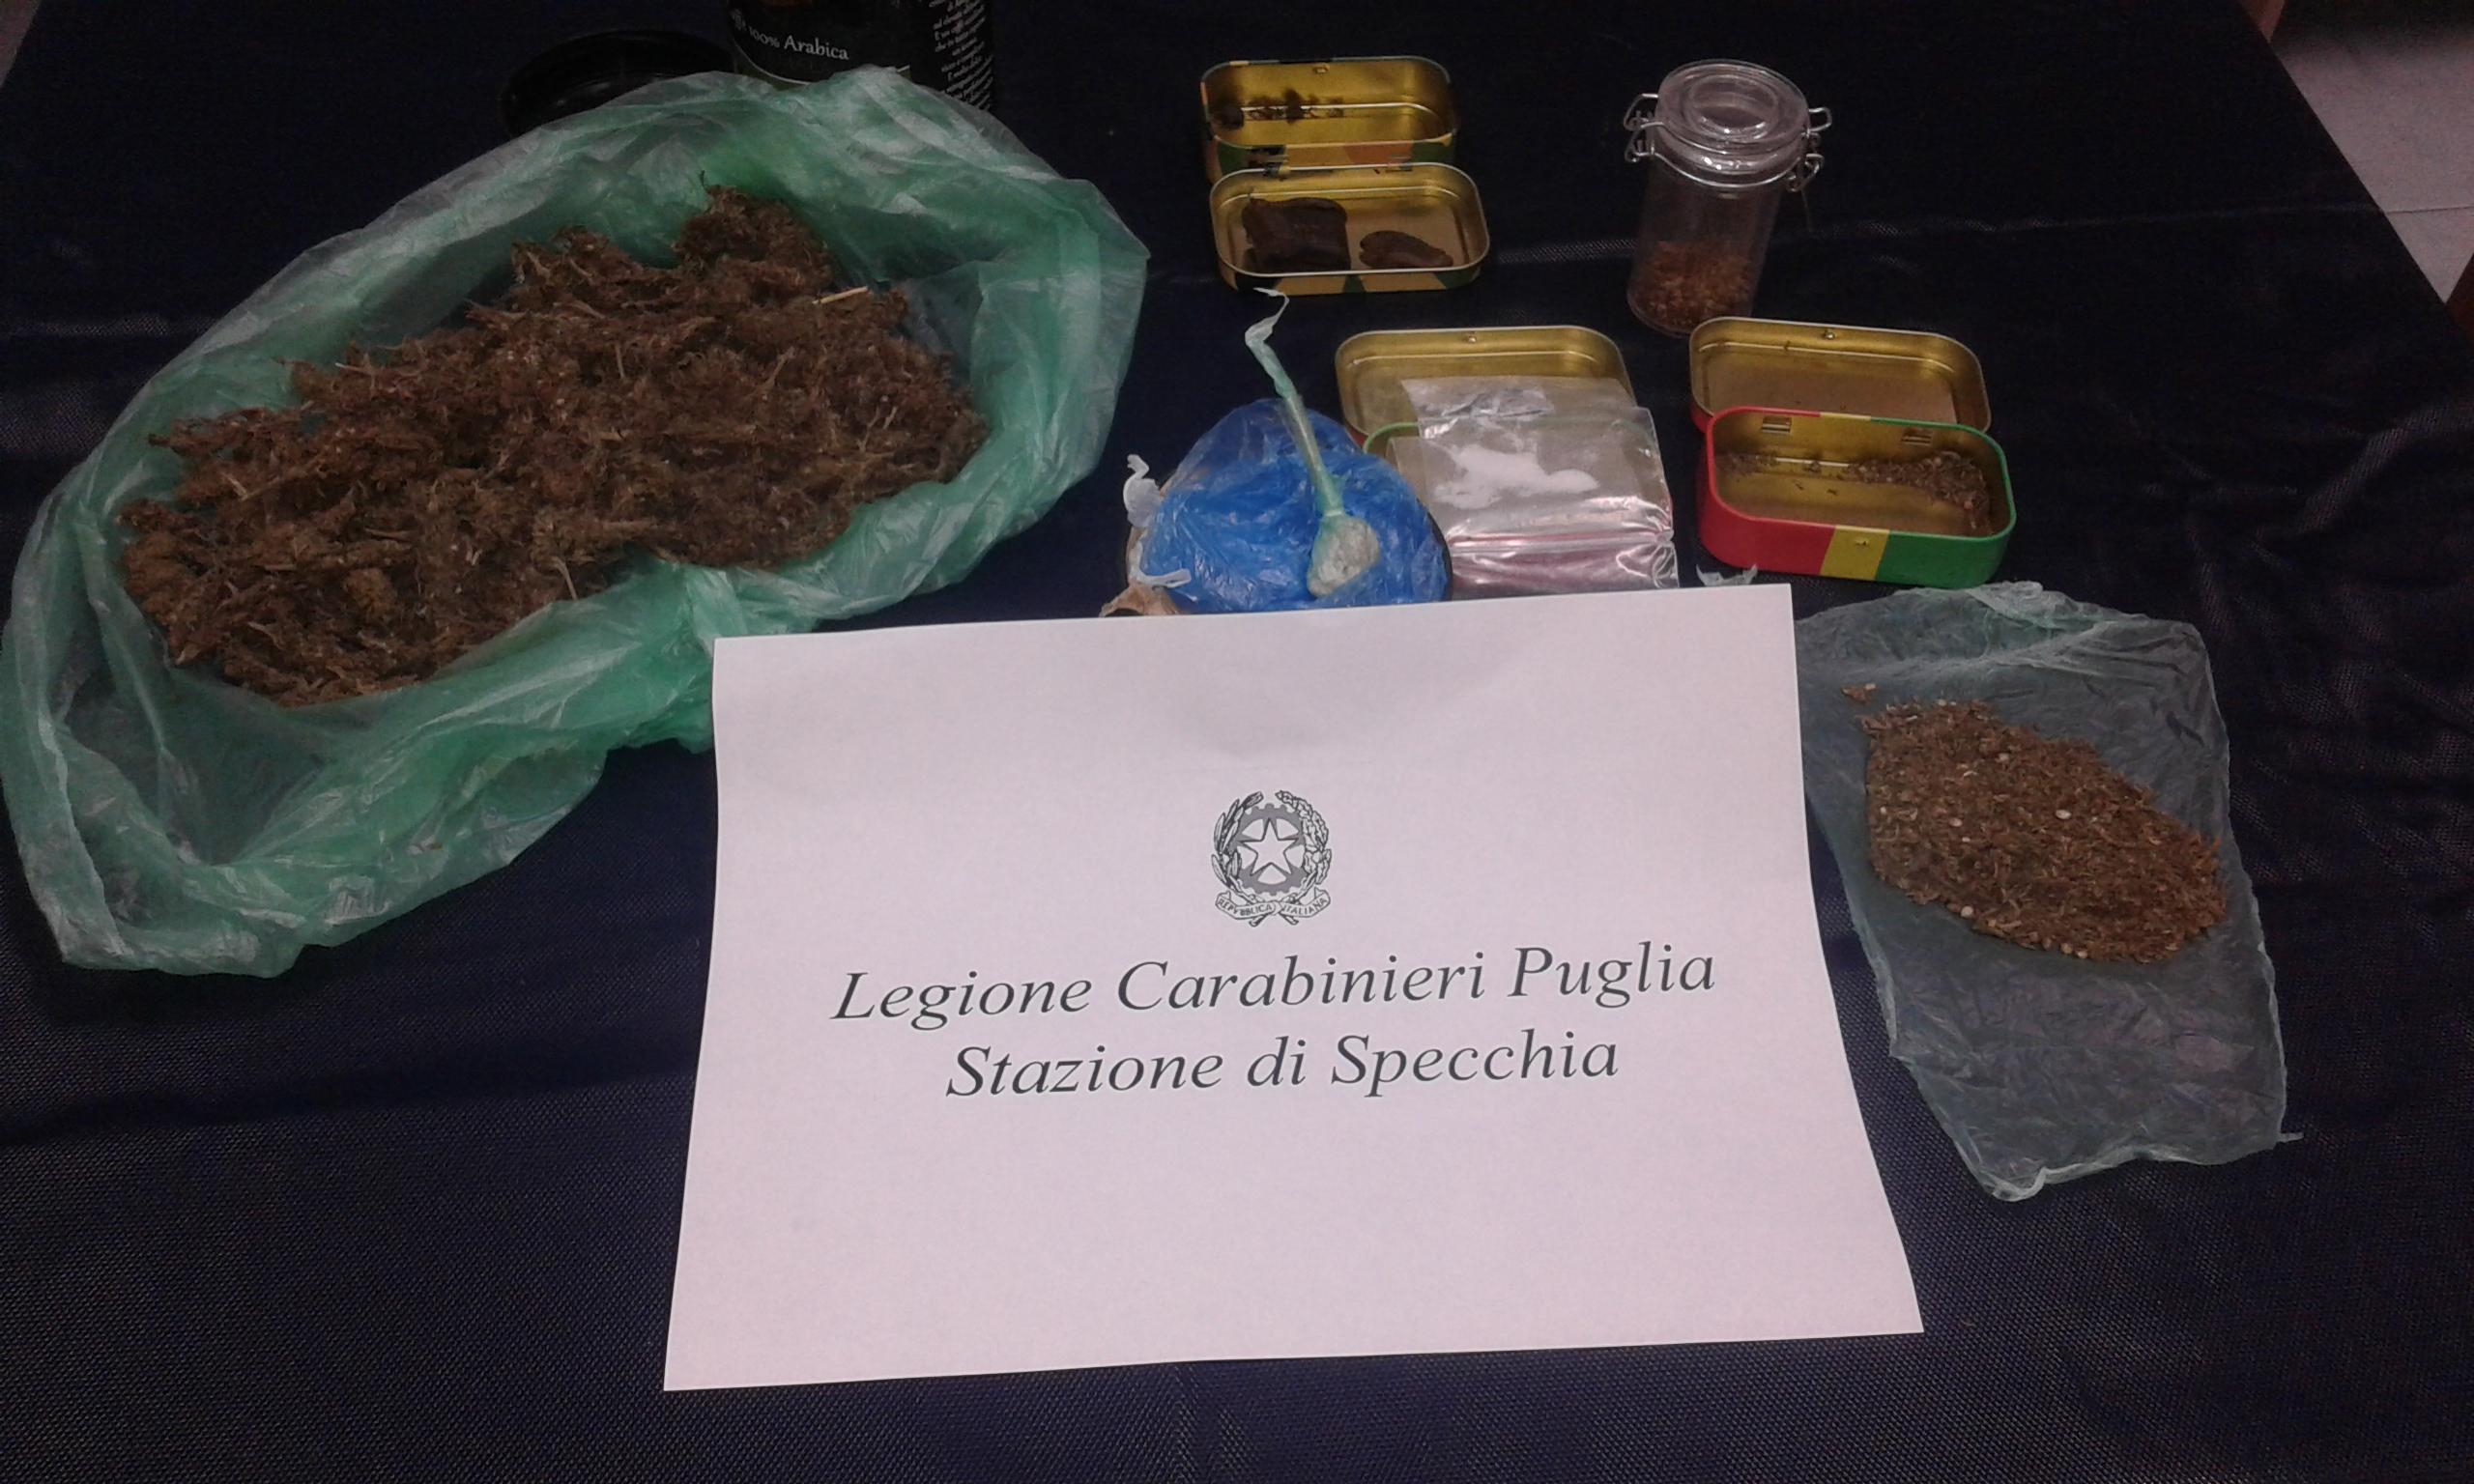 Eroina e marijuana in auto: fuggono alla vista dei carabinieri